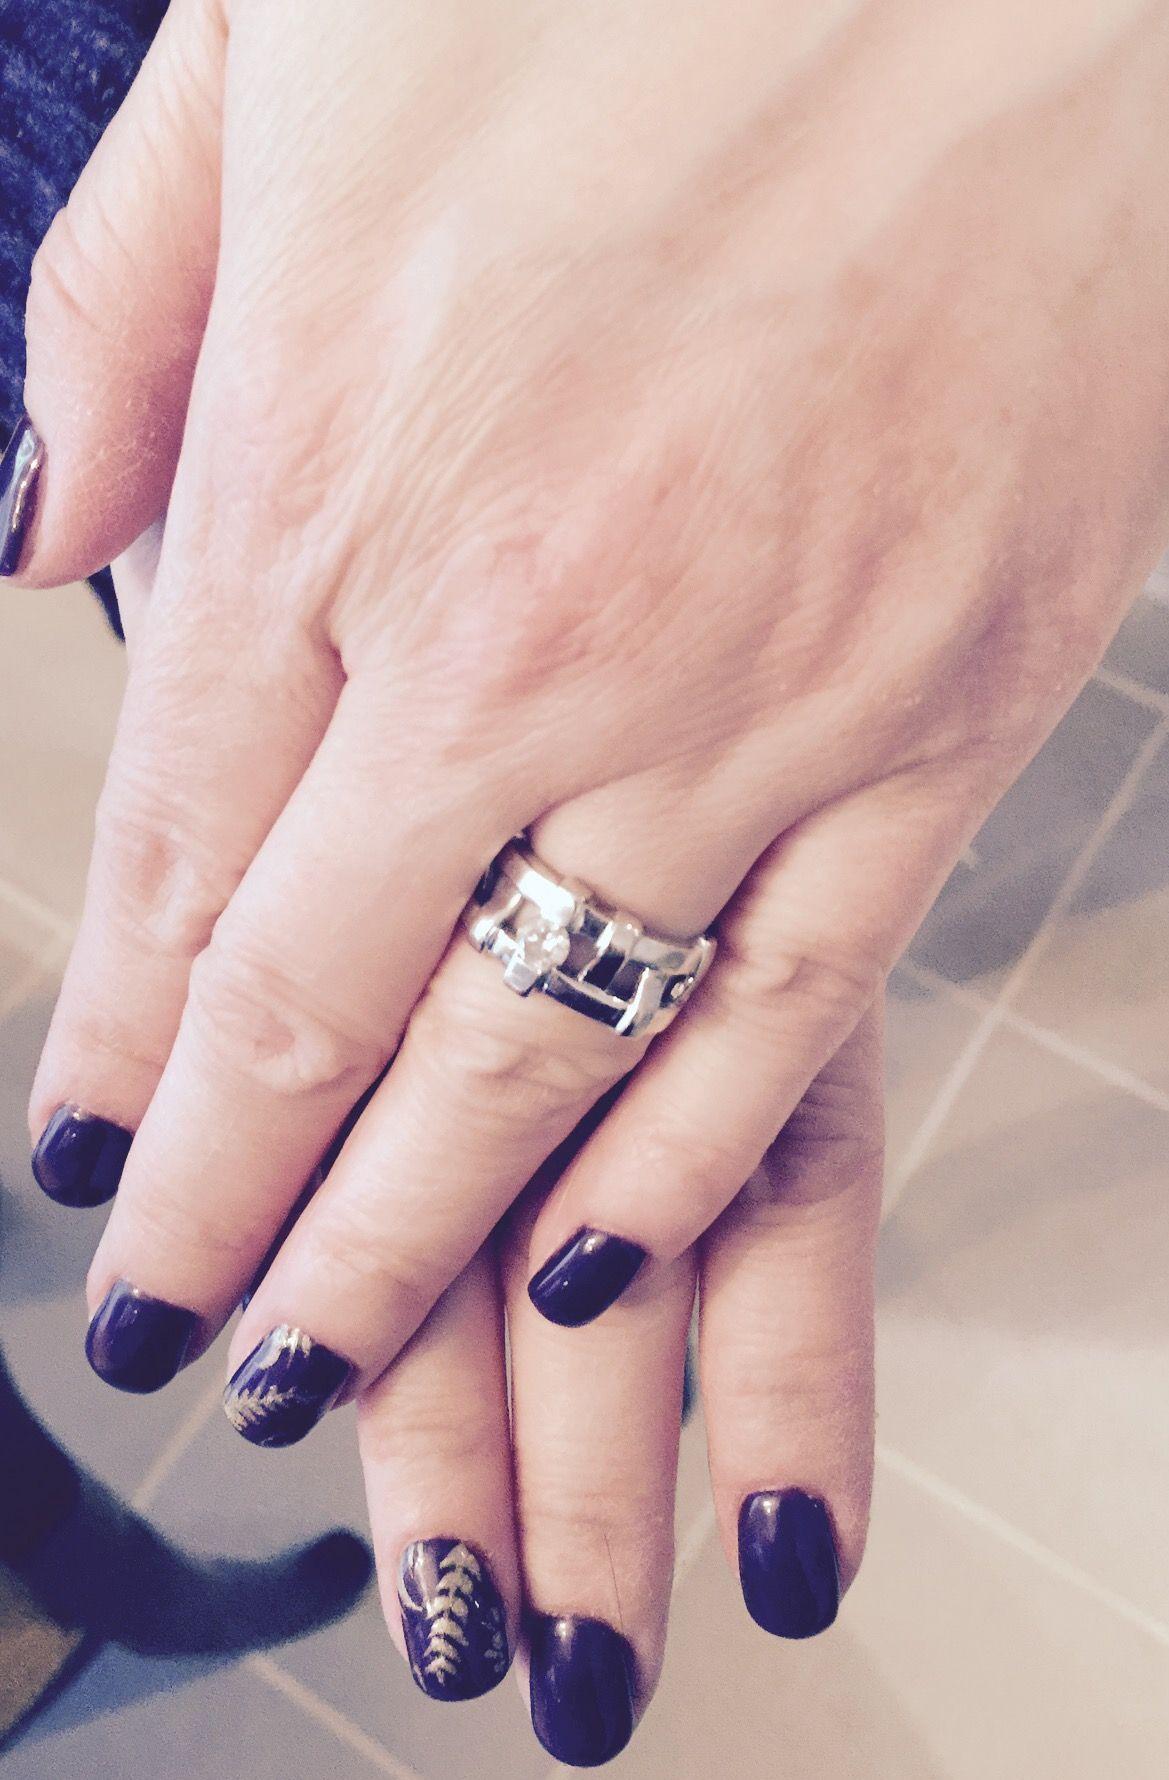 Golden leaves nail art design OPI polish | Nail art | Pinterest ...